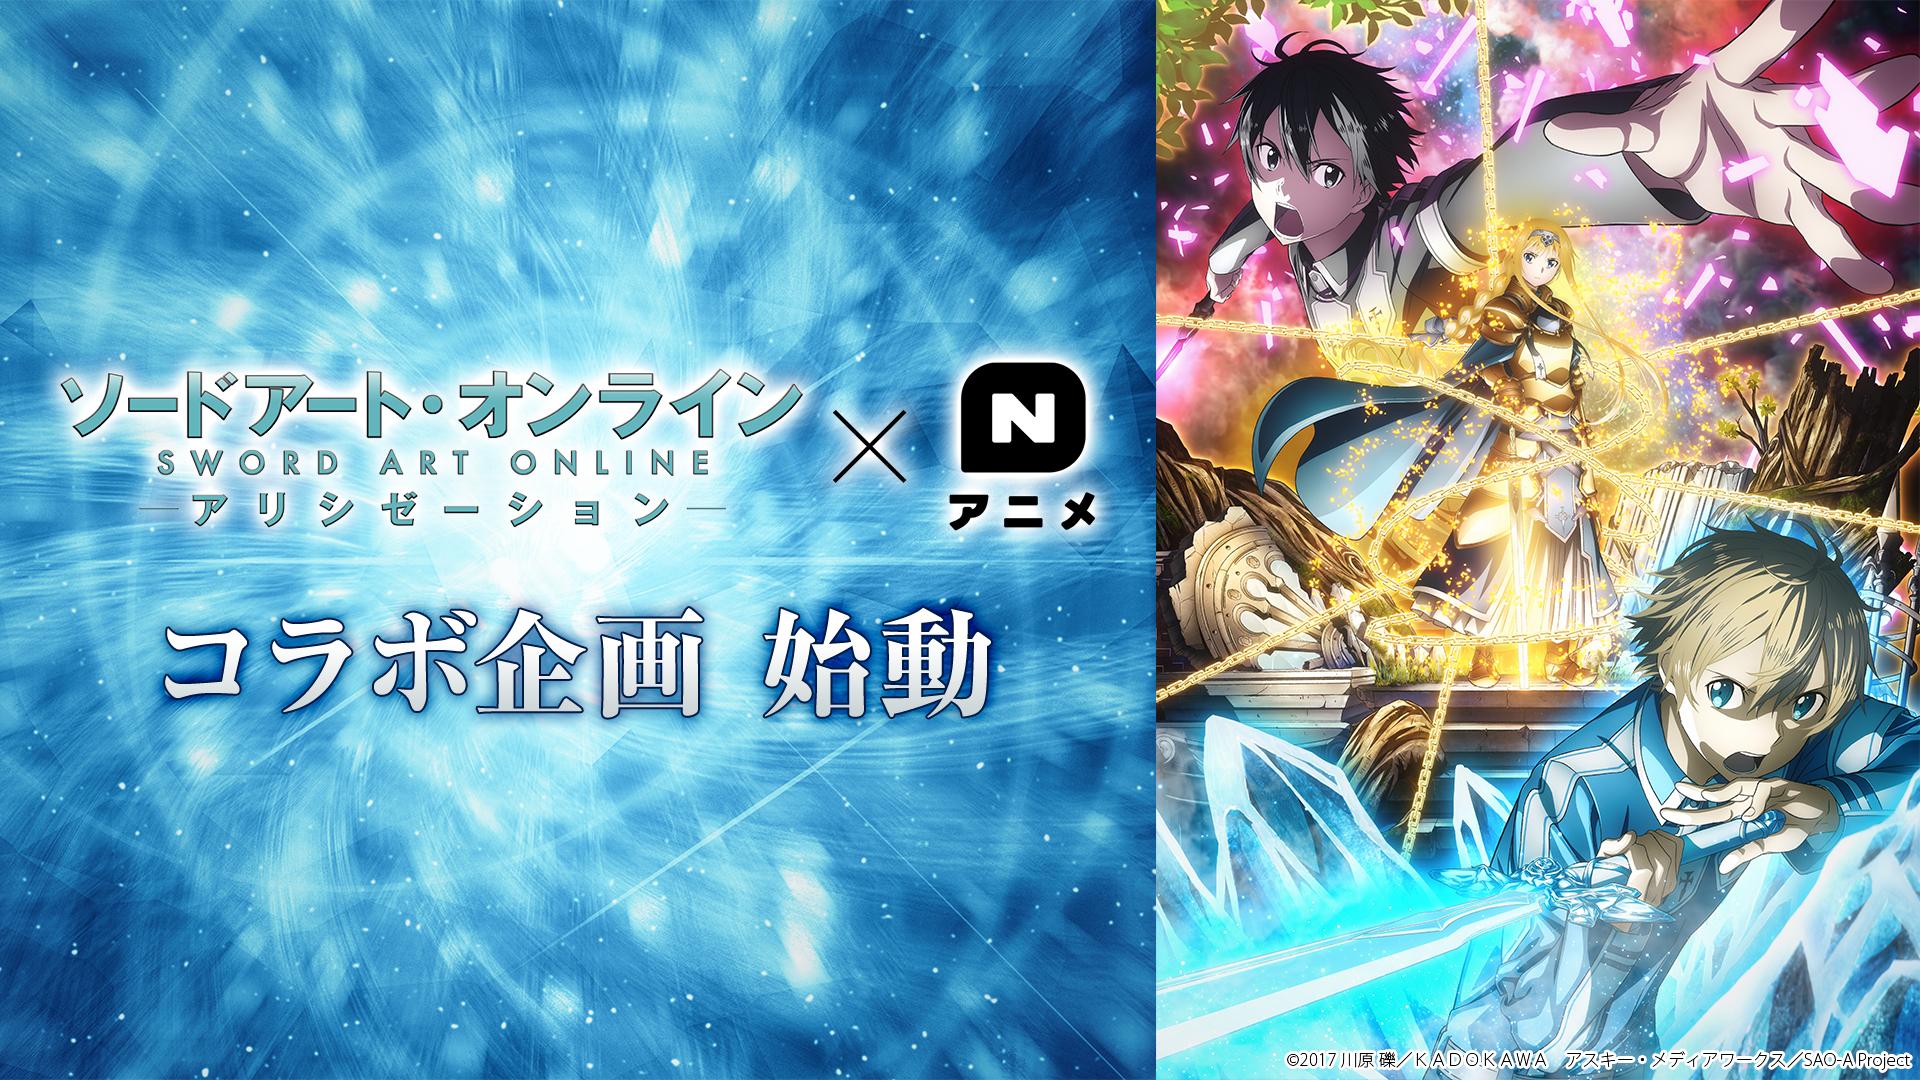 「SAO」×「Nアニメ」コラボ実施